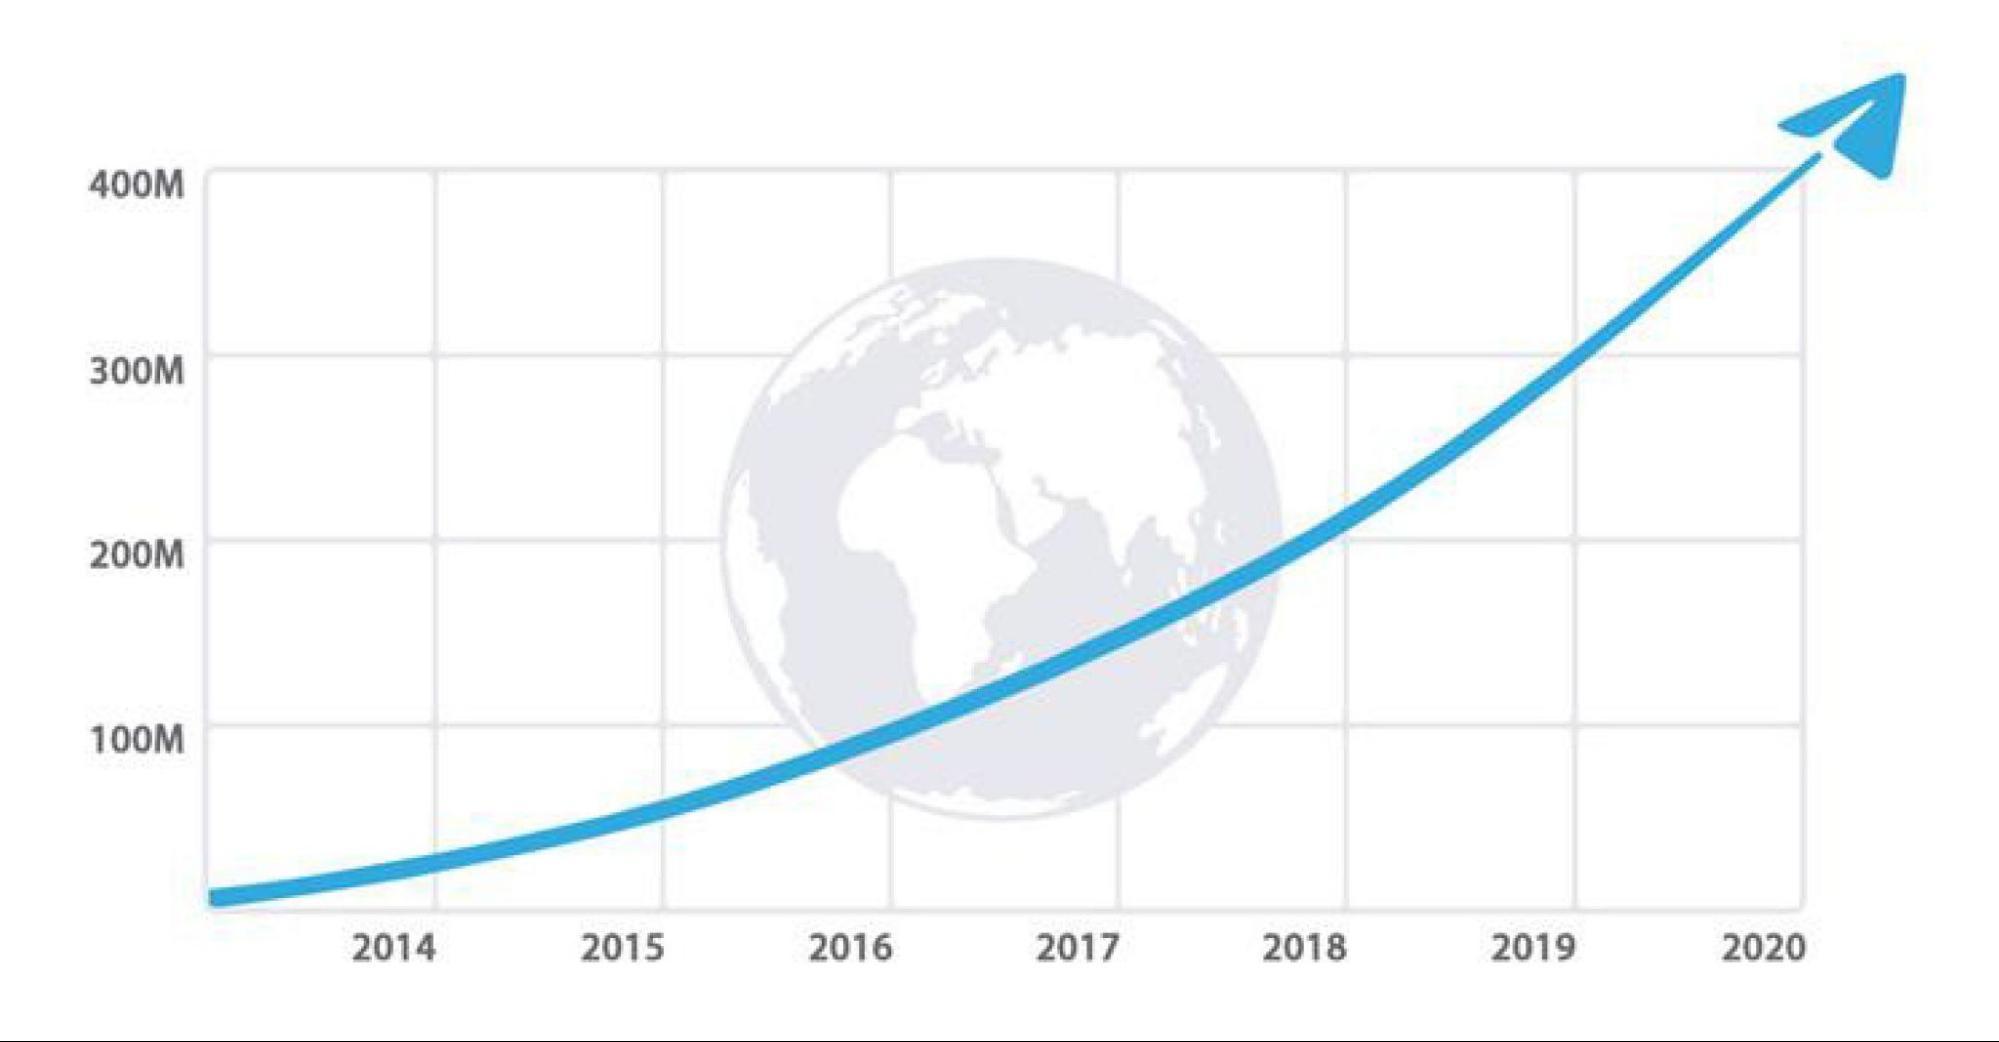 В 2020 году в Телеграме насчитывалось больше 400 млн пользователей